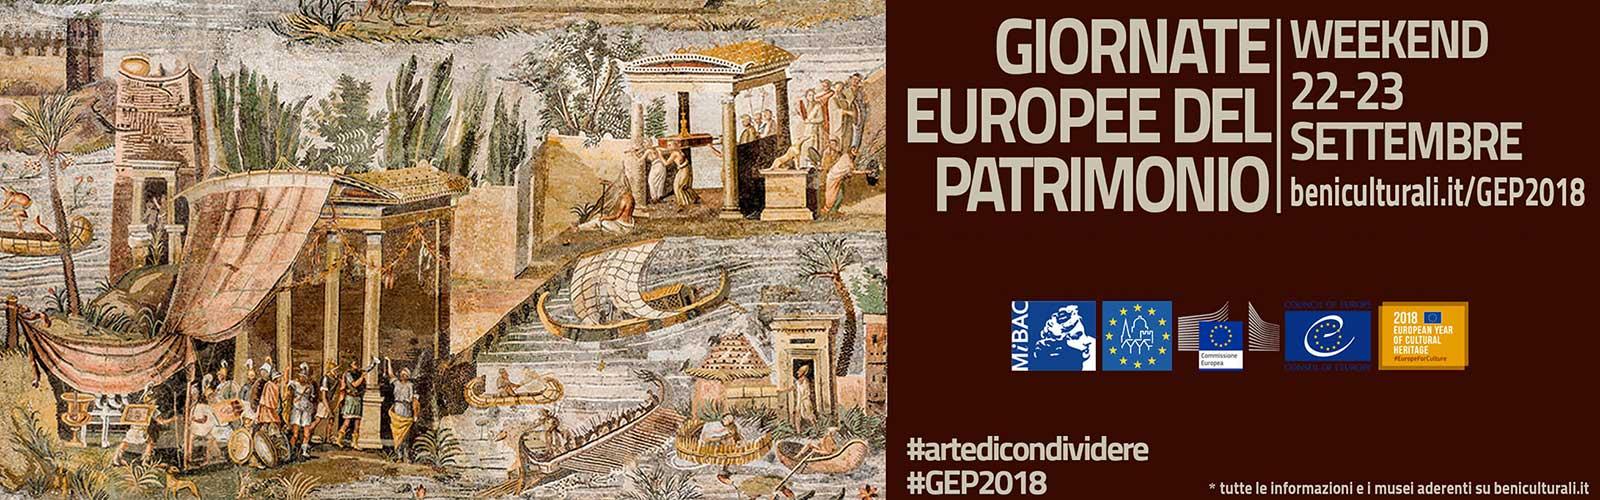 Giornate Europee del Patrimonio 2018<br><em>L&#8217;arte di condividere</em>